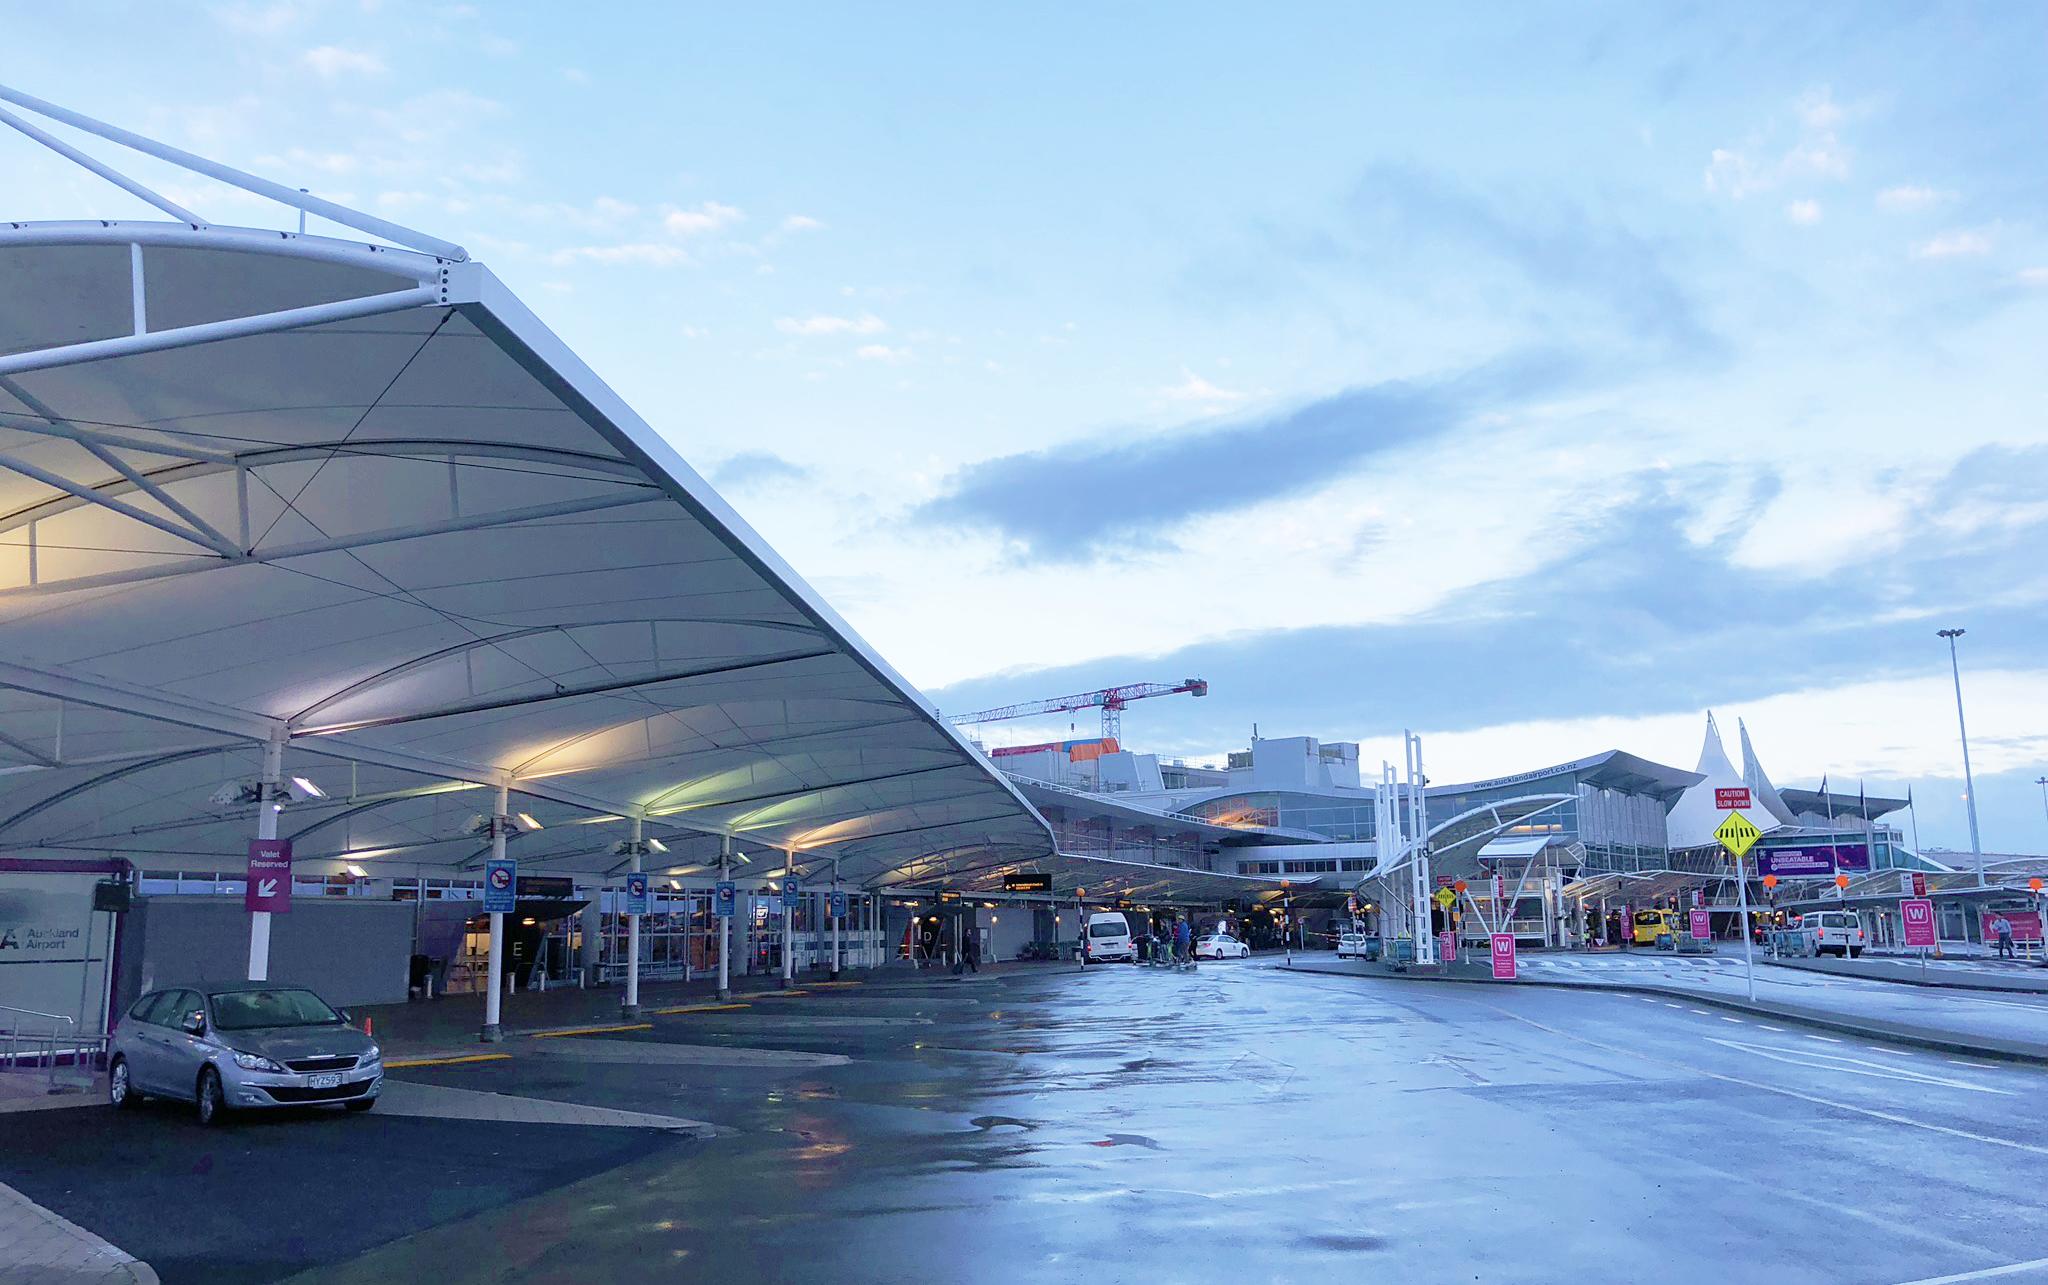 2018年6月18日まで!NZ航空が期間限定で全座席を割引運賃にて提供!9万8千円から!